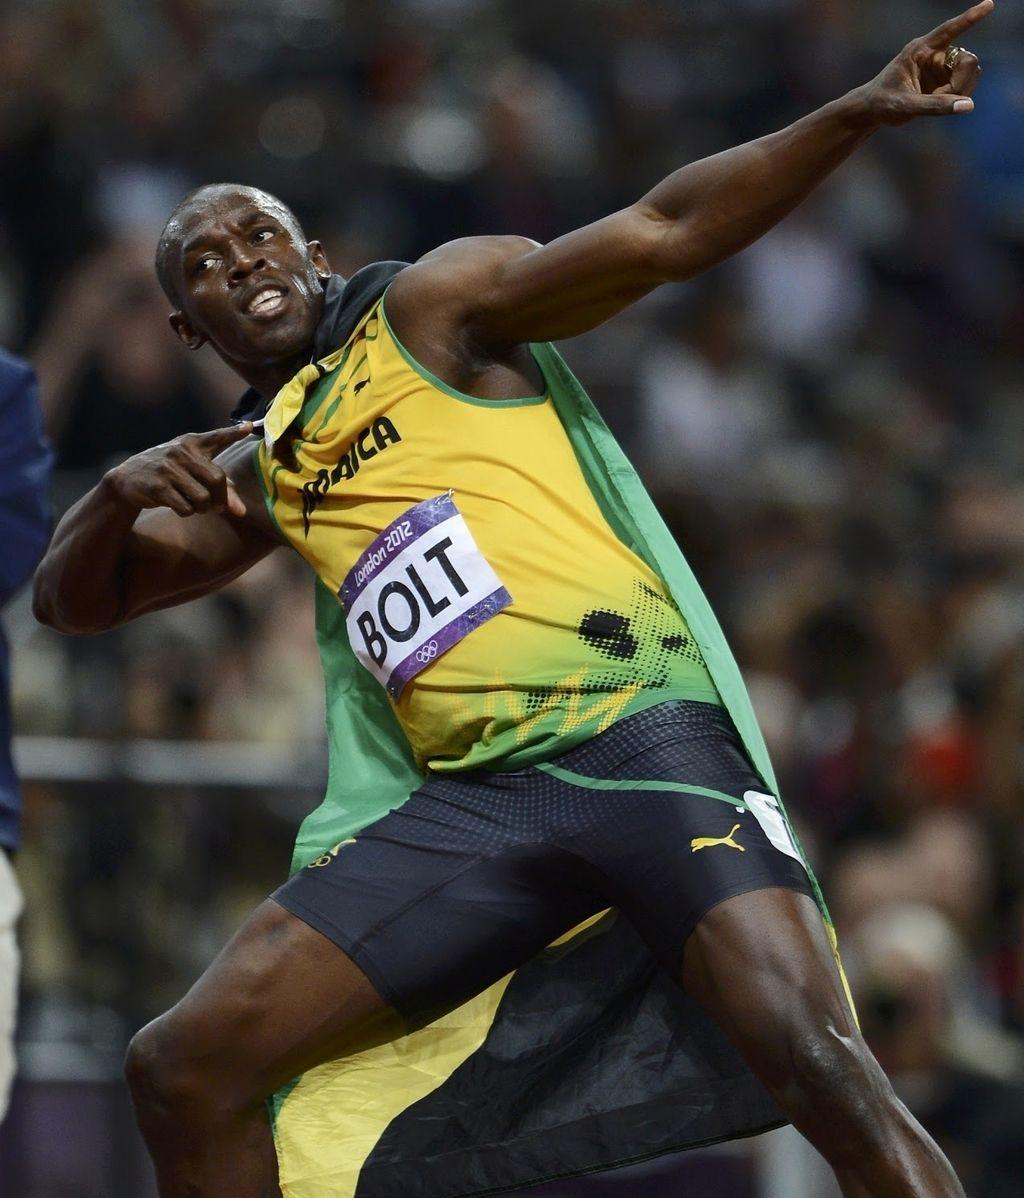 Victoria de Usain Bolt en los JJOO de Londres 2012